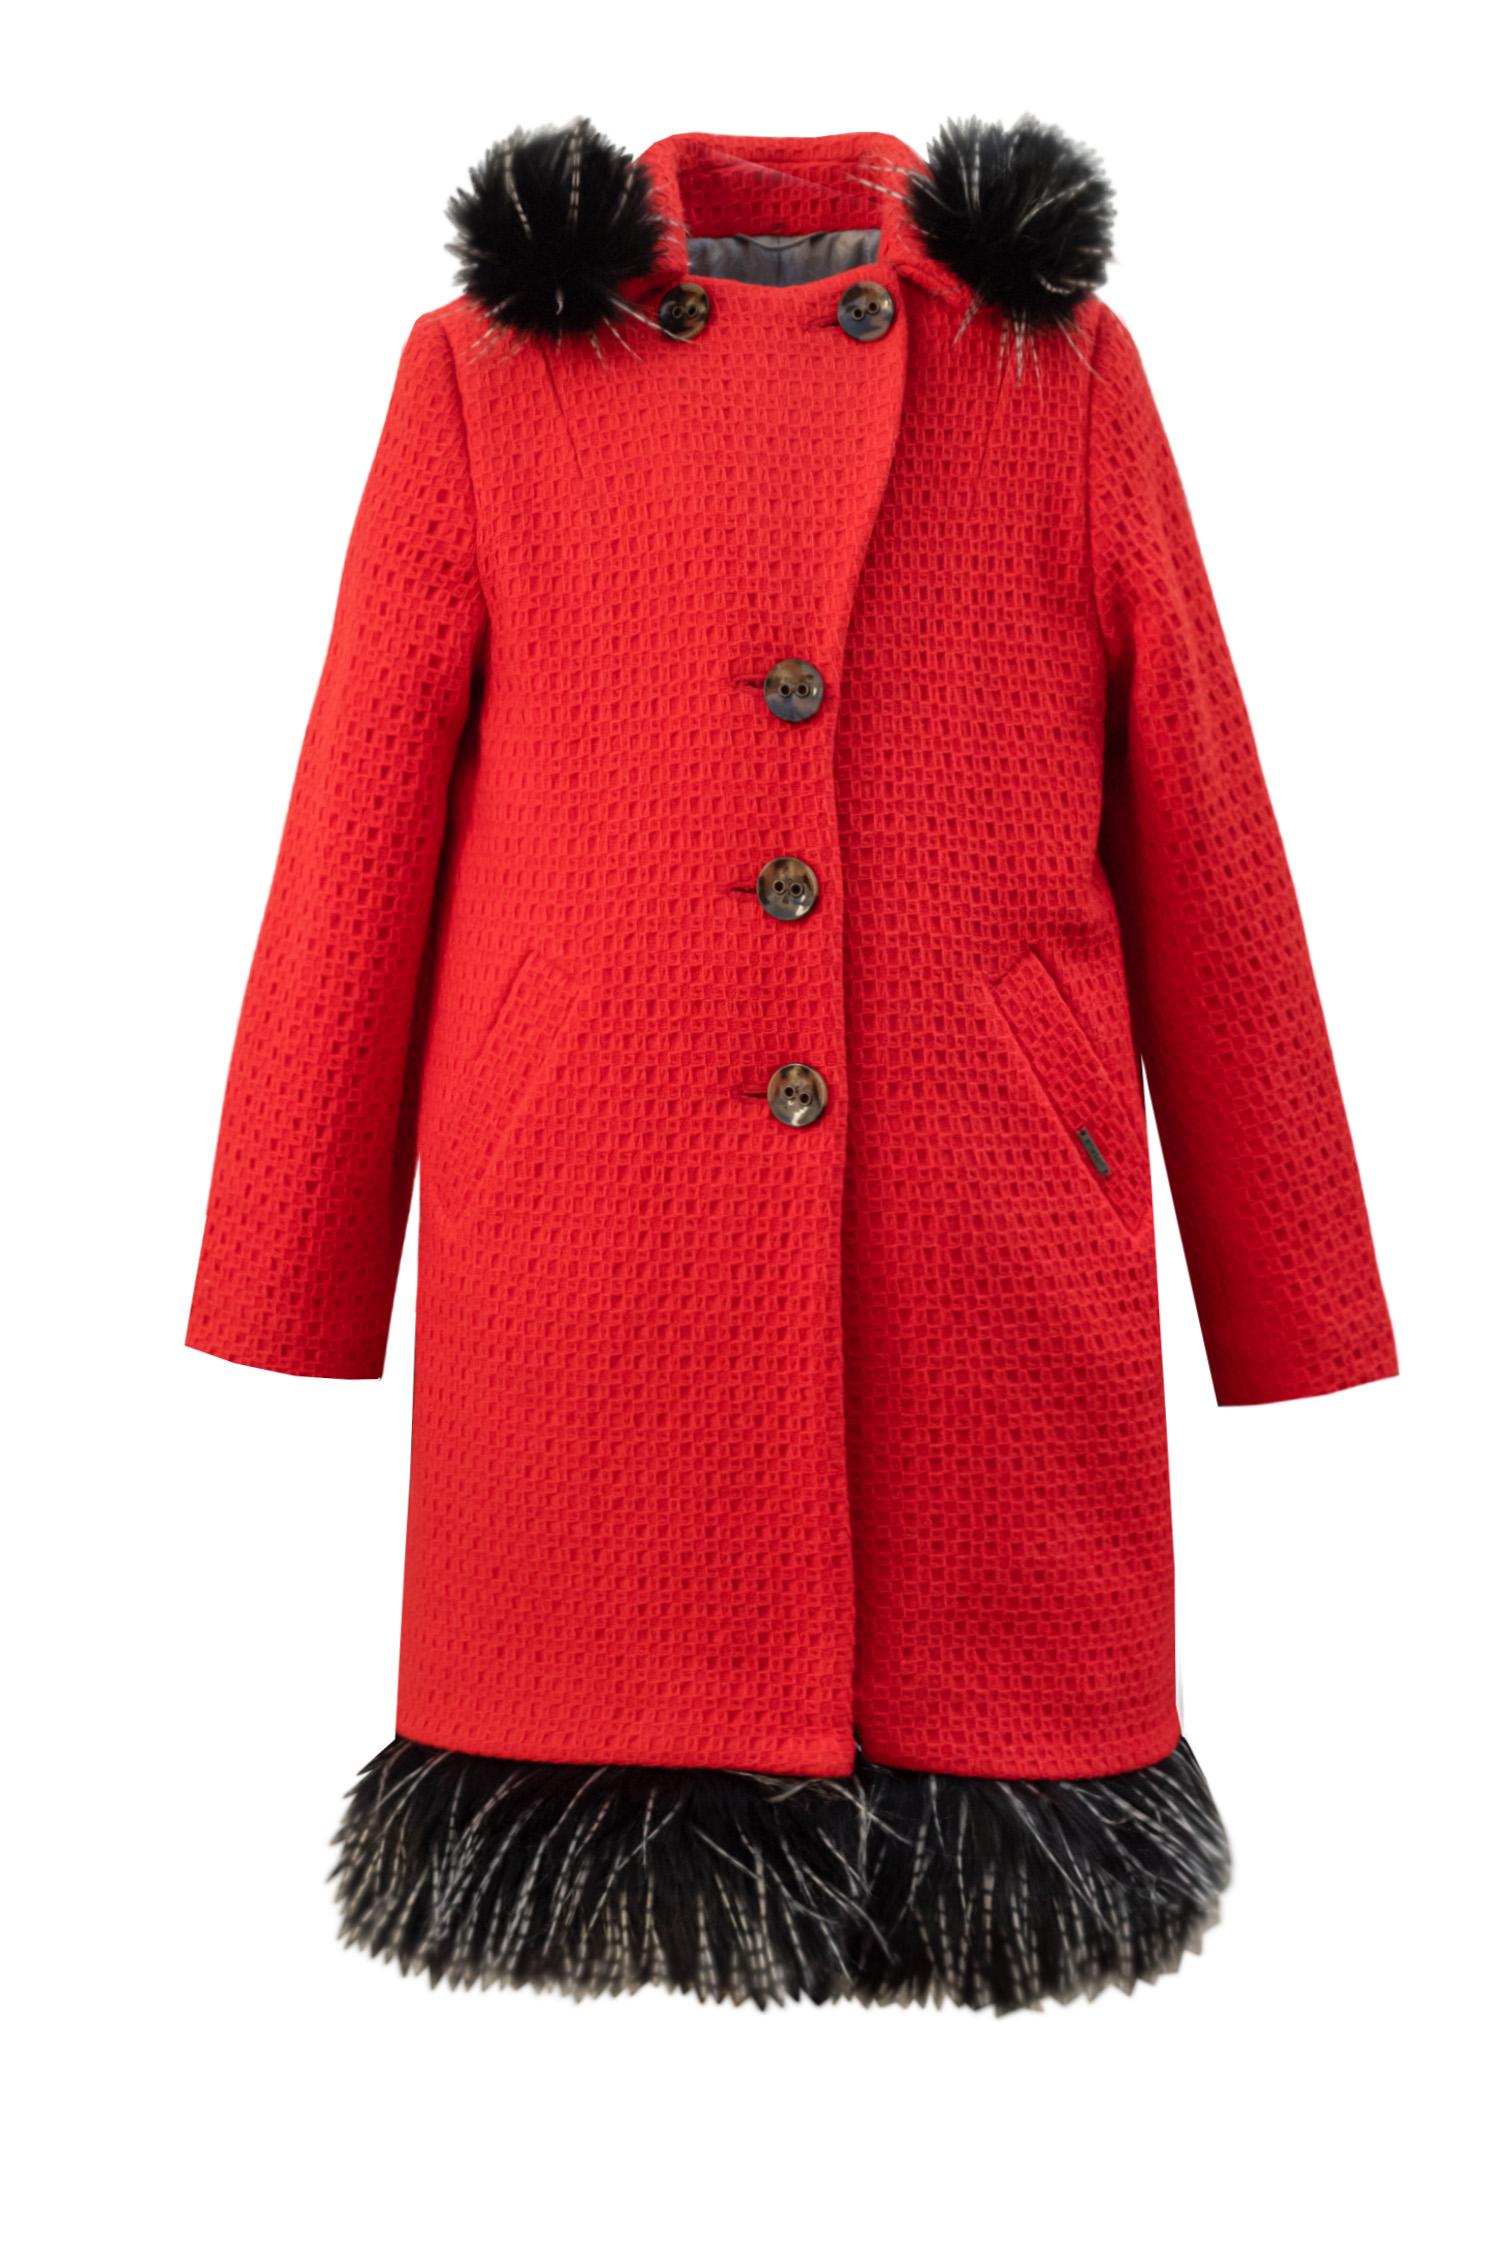 Palton roșu de lână pentru fete Mellie